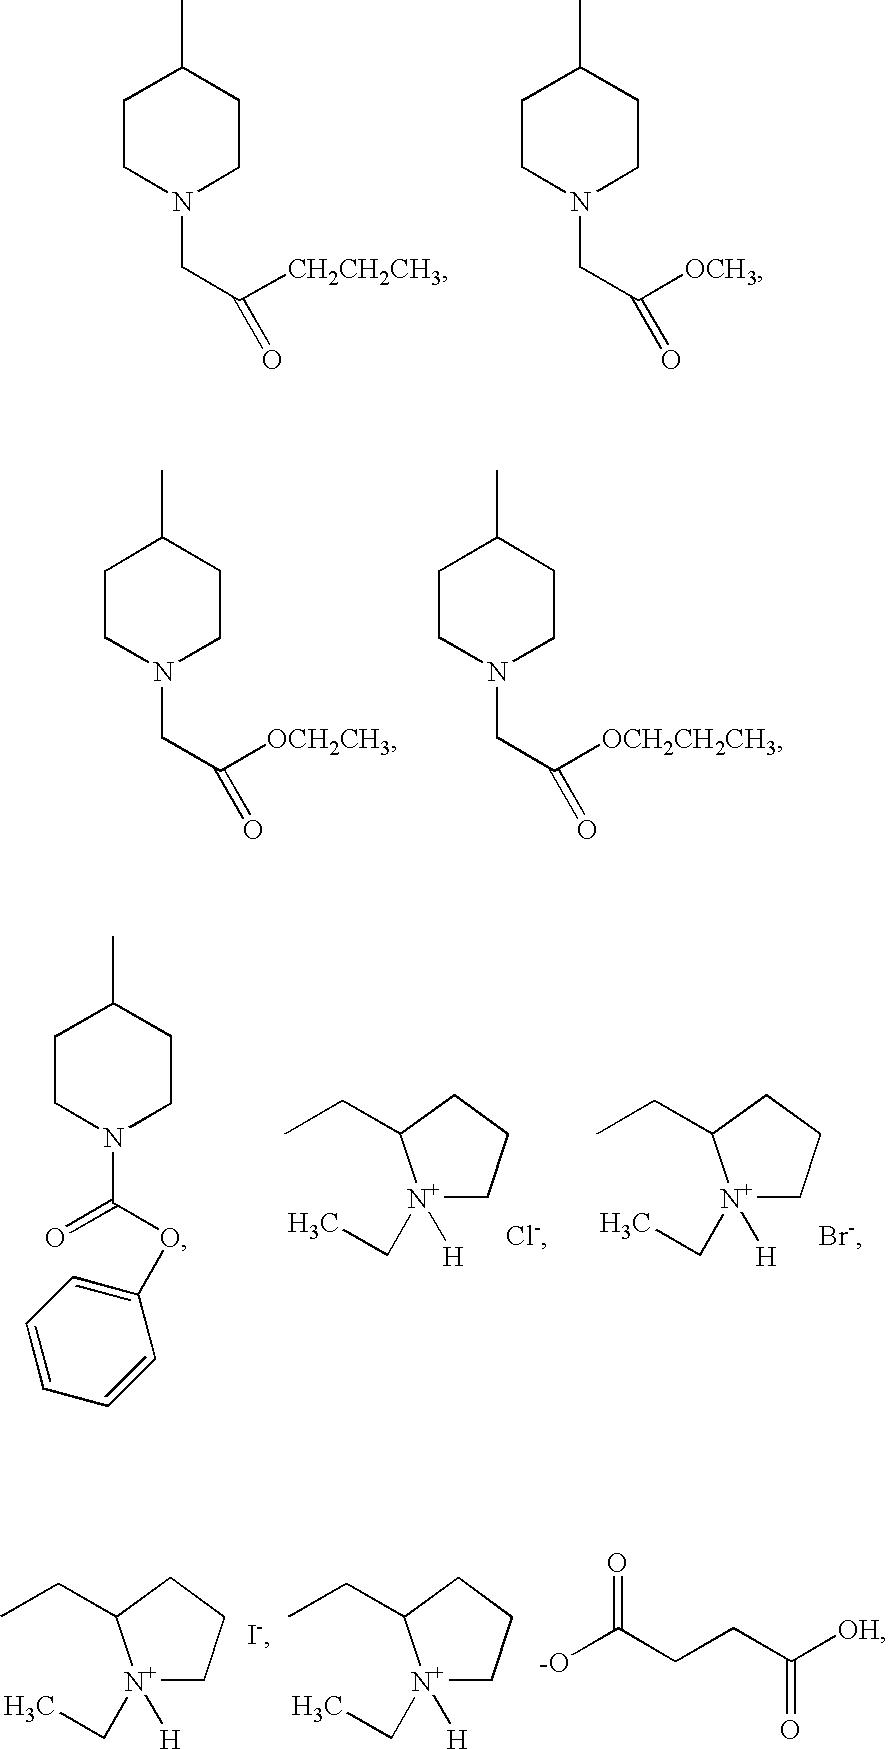 Figure US07112587-20060926-C00096